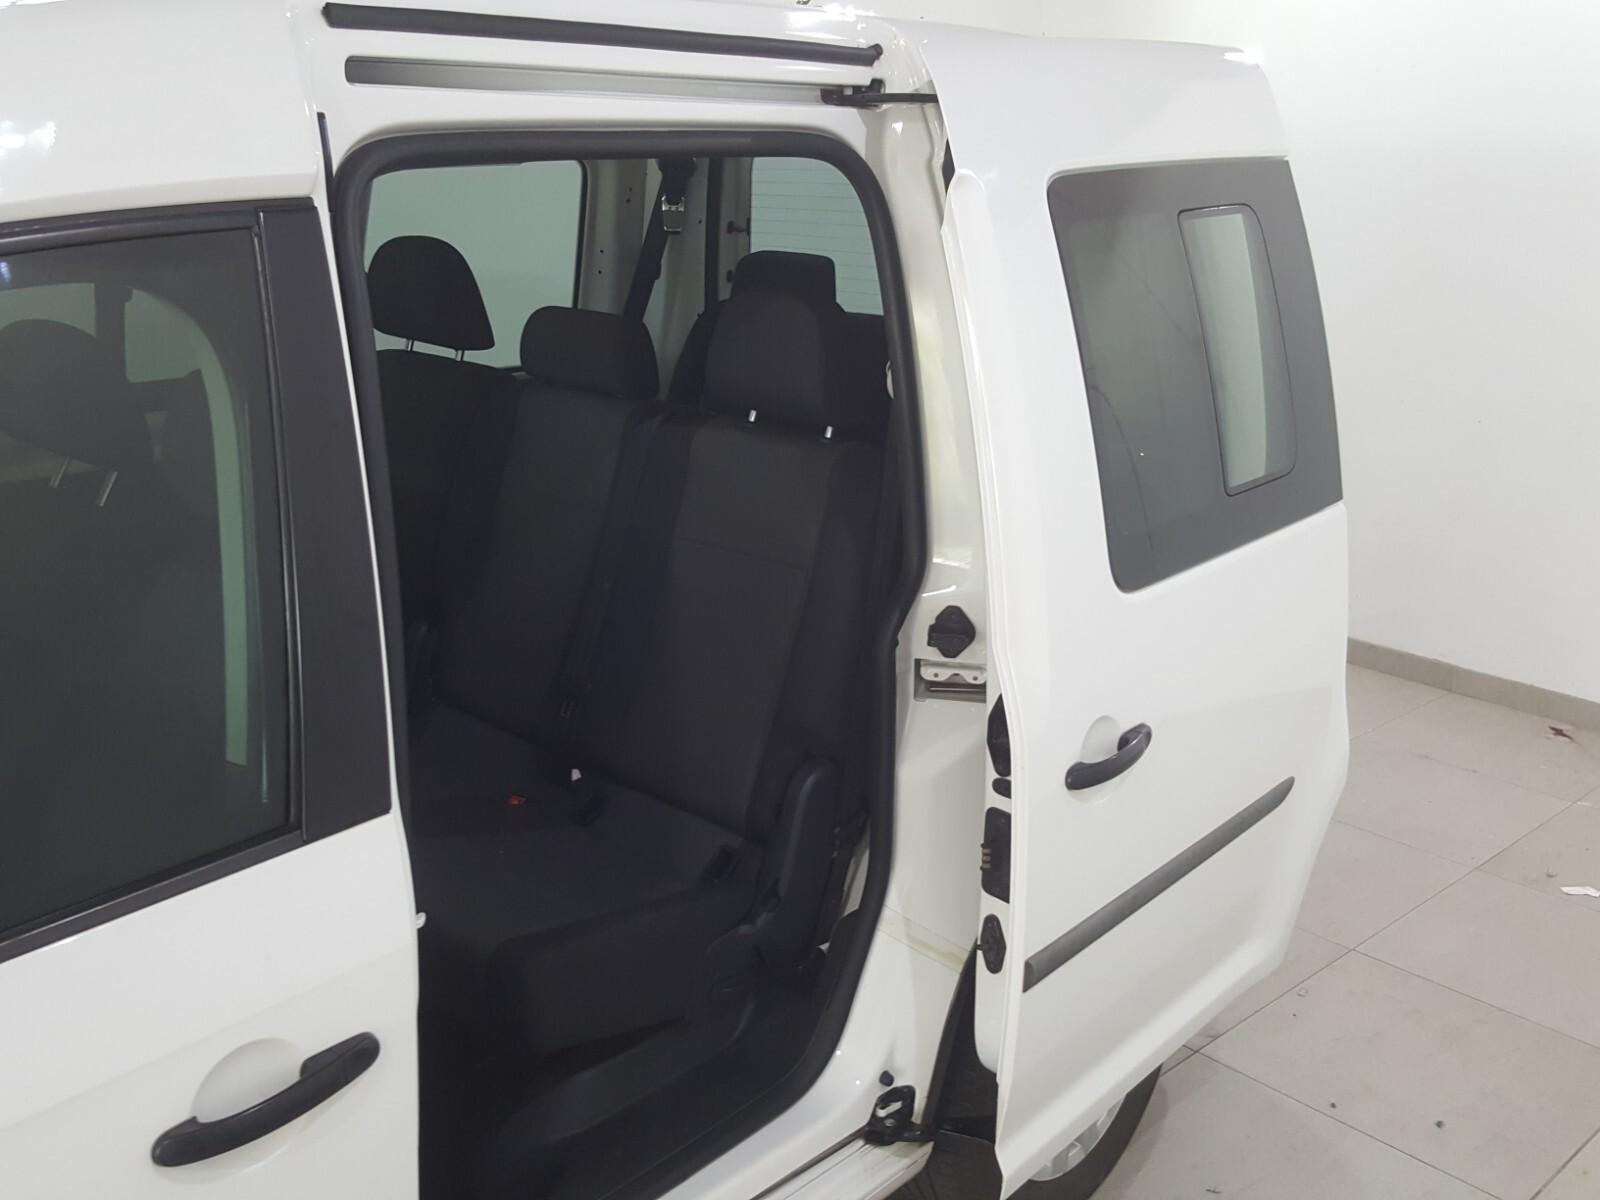 VOLKSWAGEN CREWBUS 1.6i  (7 SEAT) Roodepoort 8330266